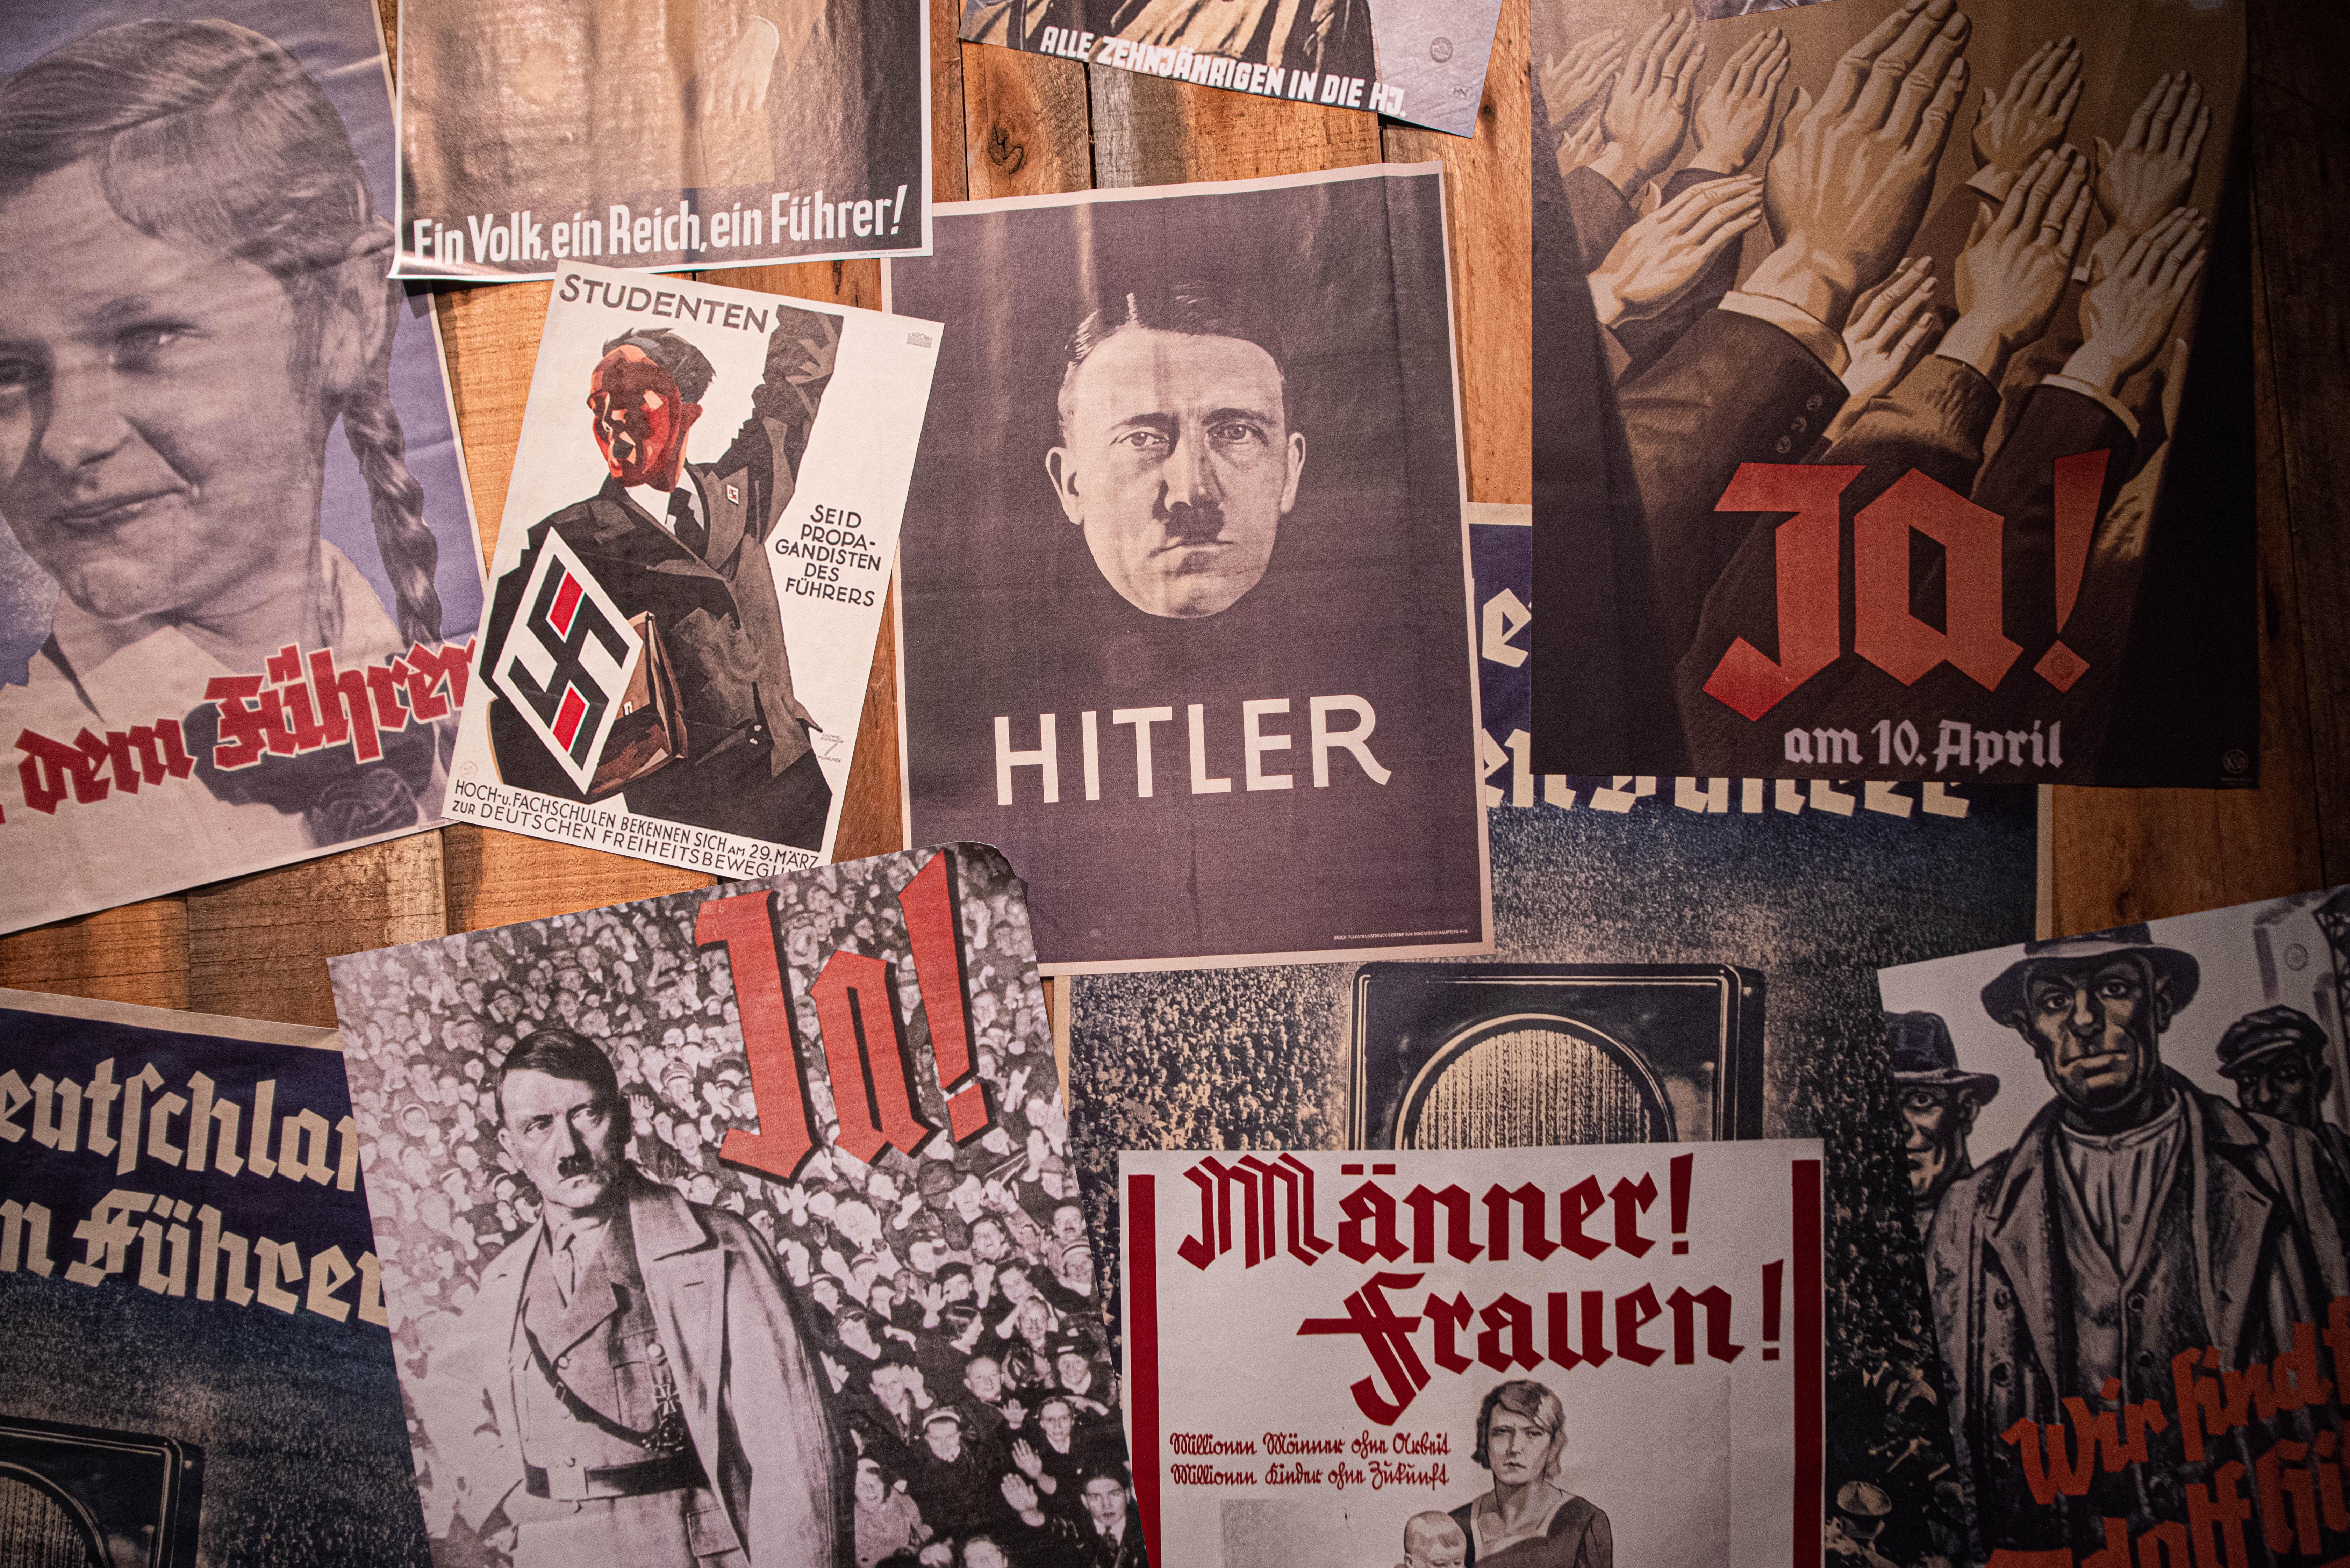 El subsuelo es un espacio recuperado. Donde antes no había más que ratas, cucarachas y abandono, ahora se recorre una muestra pedagógica sobre cómo el terror y el consenso sirvieron de método para la consolidación del nazismo. Se exponen afiches de la propaganda nazi y un espacio interactivo para conocer las políticas antijudías